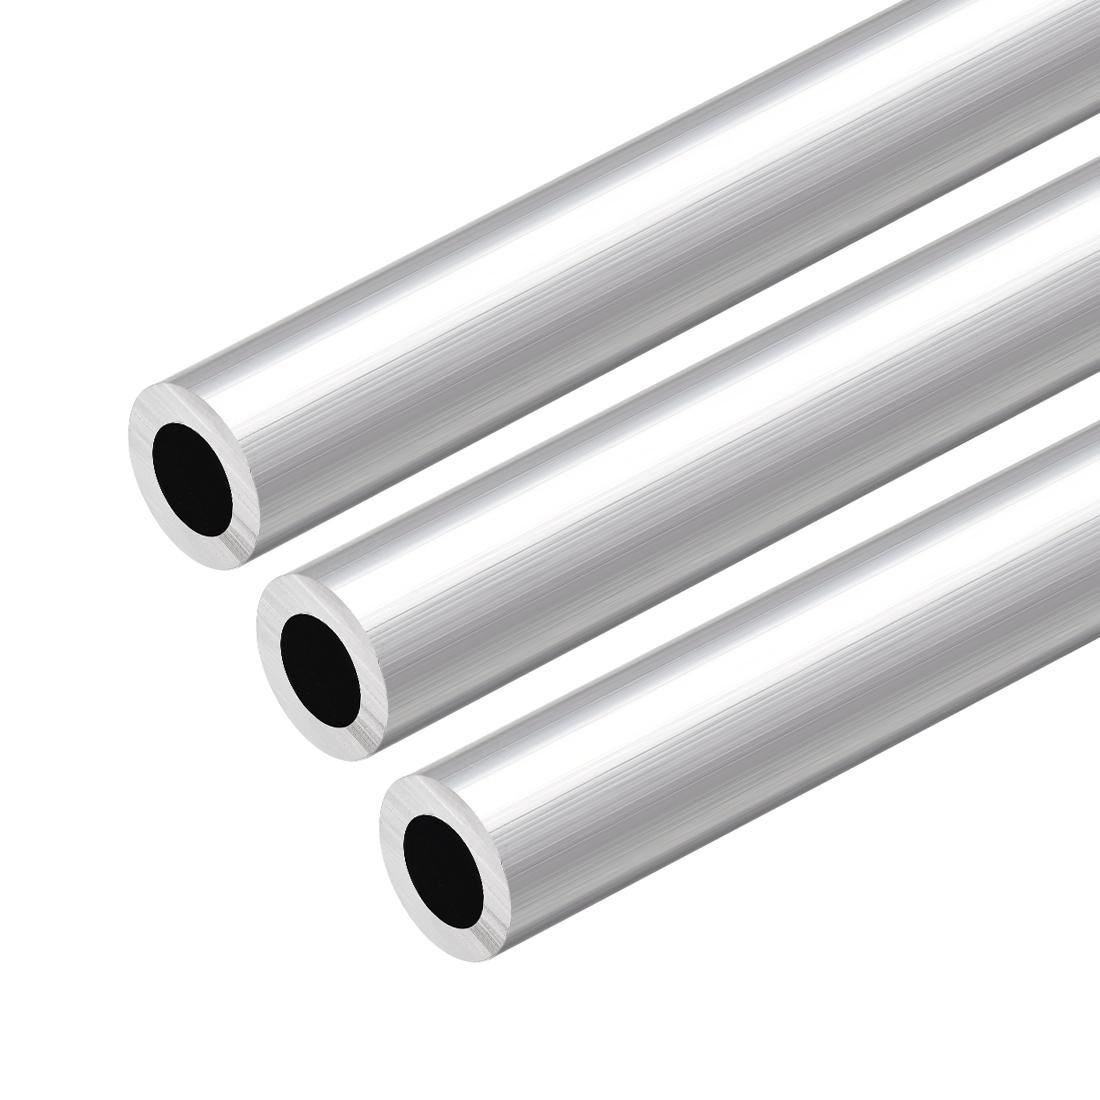 6063 Aluminum Round Tube 300mm Length 18mm OD 10mm Inner Dia Seamless Tube 3 Pcs